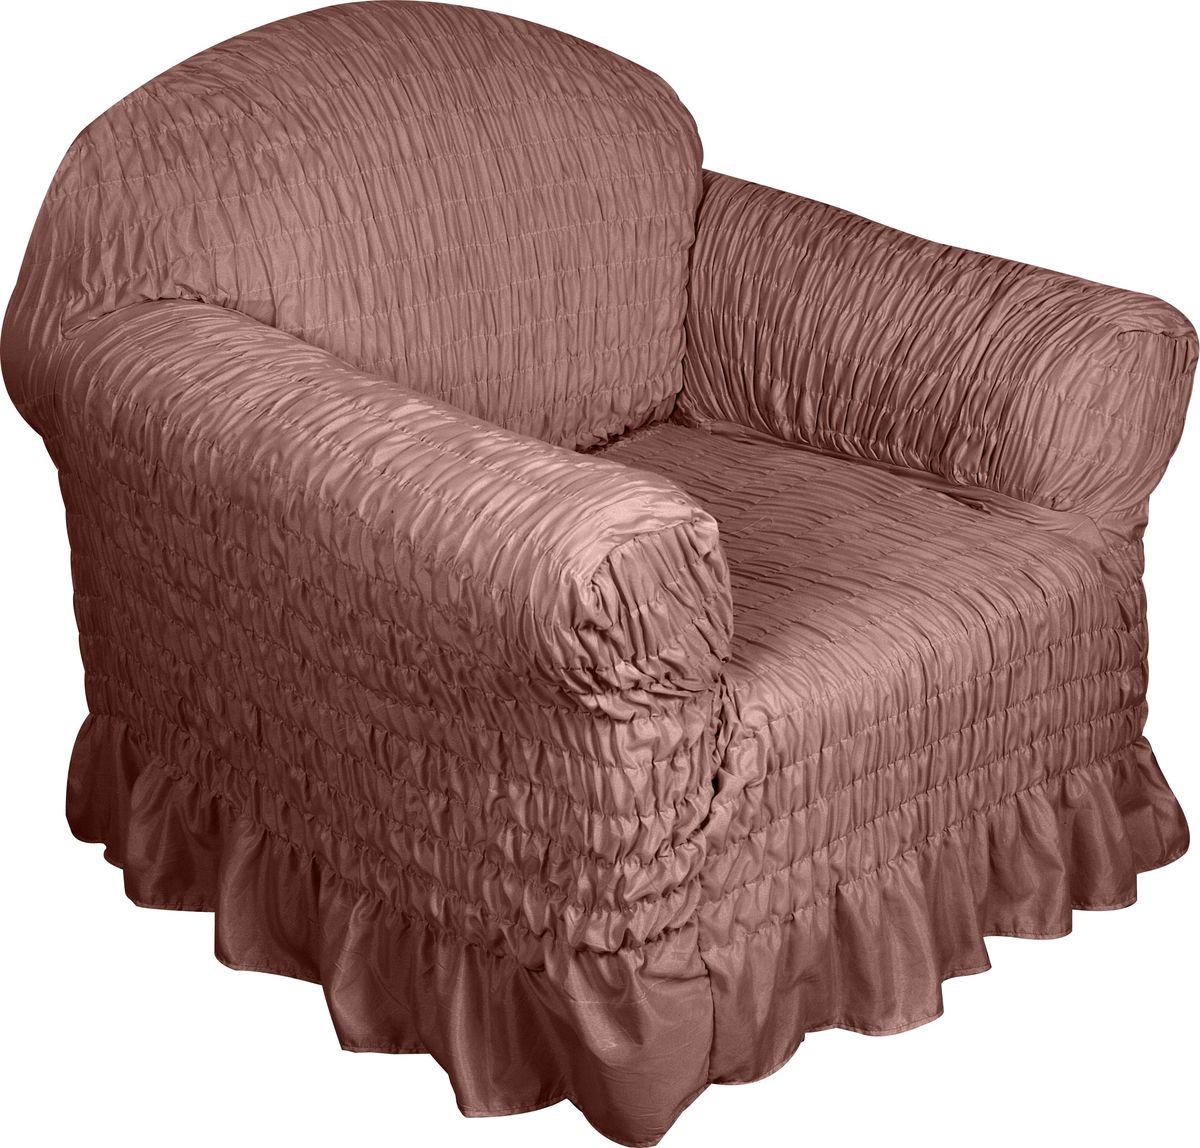 этой чехлы на диваны и кресла фото андромеды является